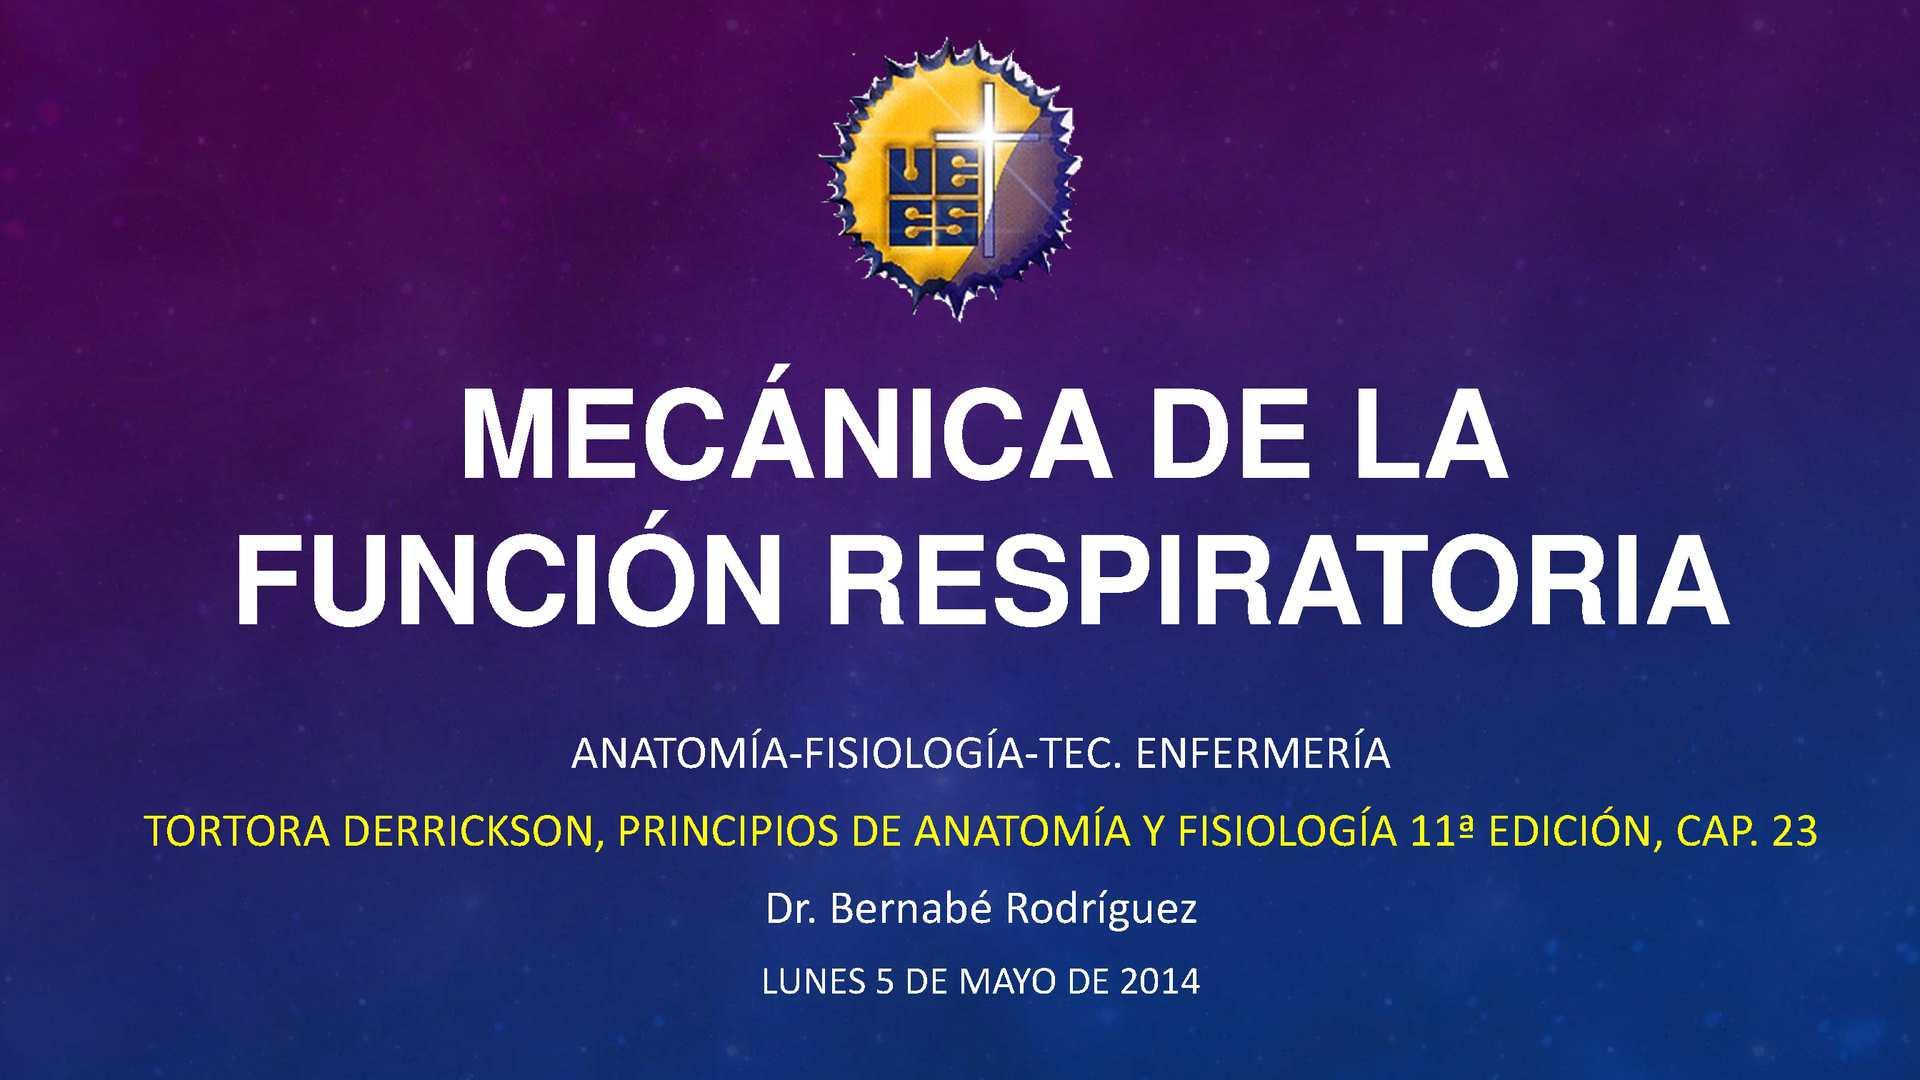 Calaméo - Mecánica de la función respiratoria